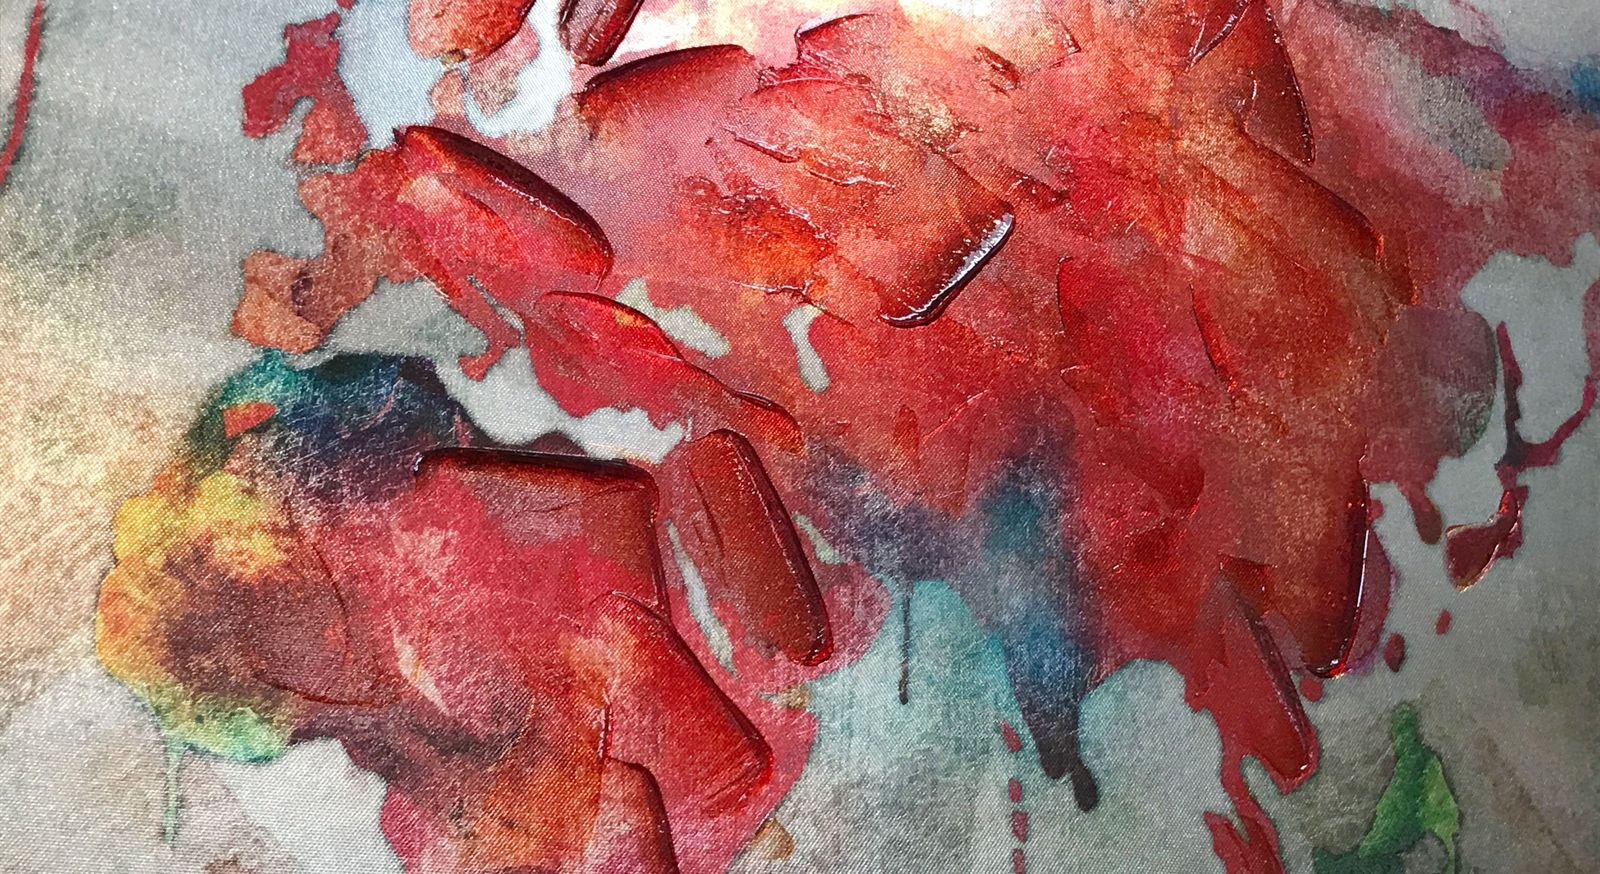 Wandbild World I mit rauer Oberfläche